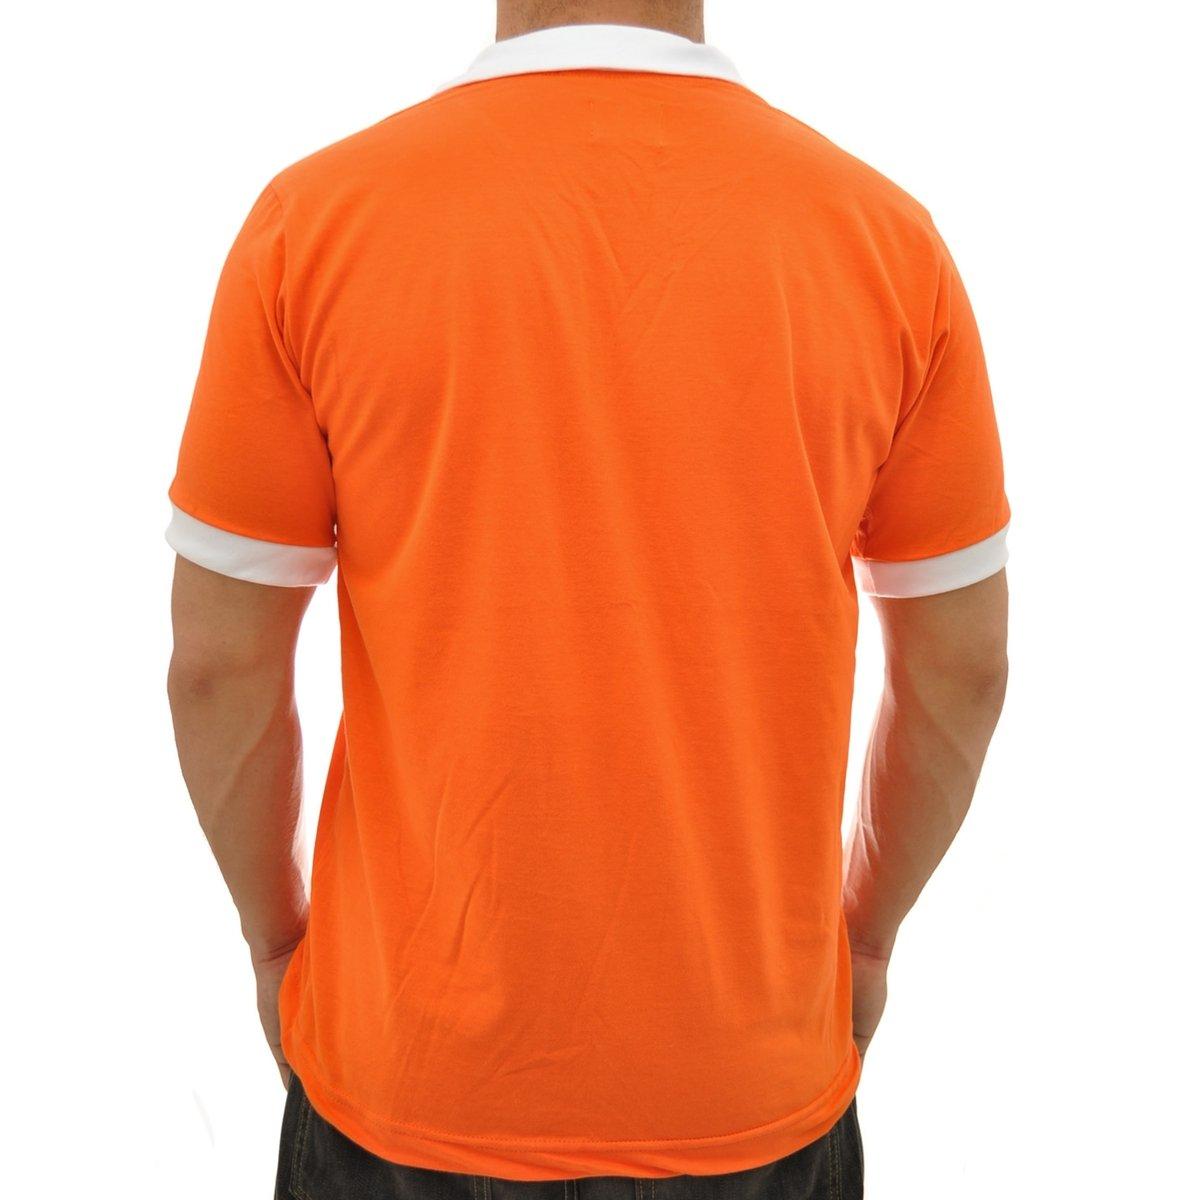 Camisa Retrô Mania Holanda 1990 Masculina - Laranja - Compre Agora ... 7e78eecf9f1e5